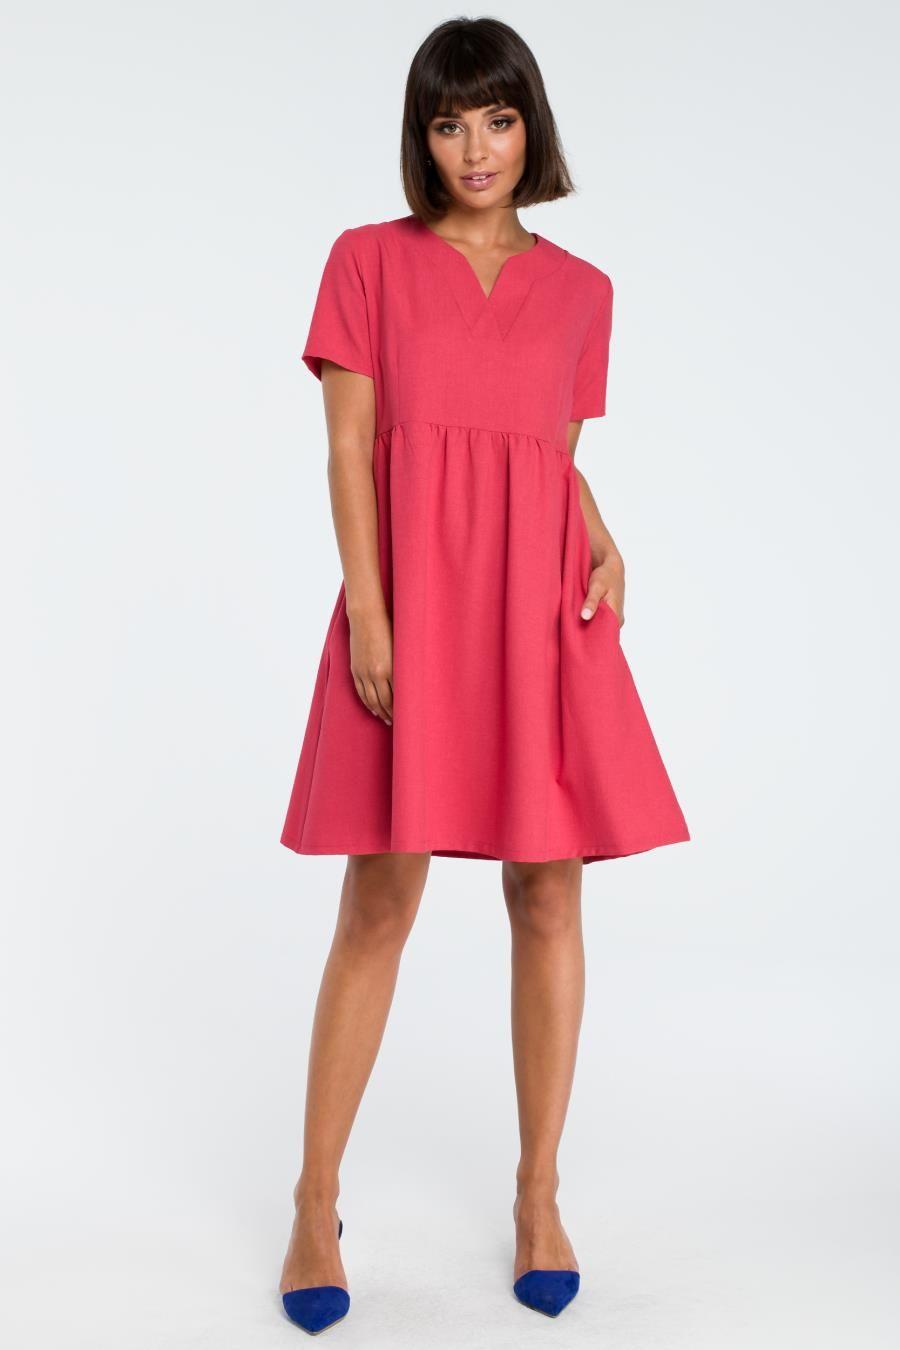 b37cf1446c Rozkloszowana Letnia Sukienka Różowa BW081